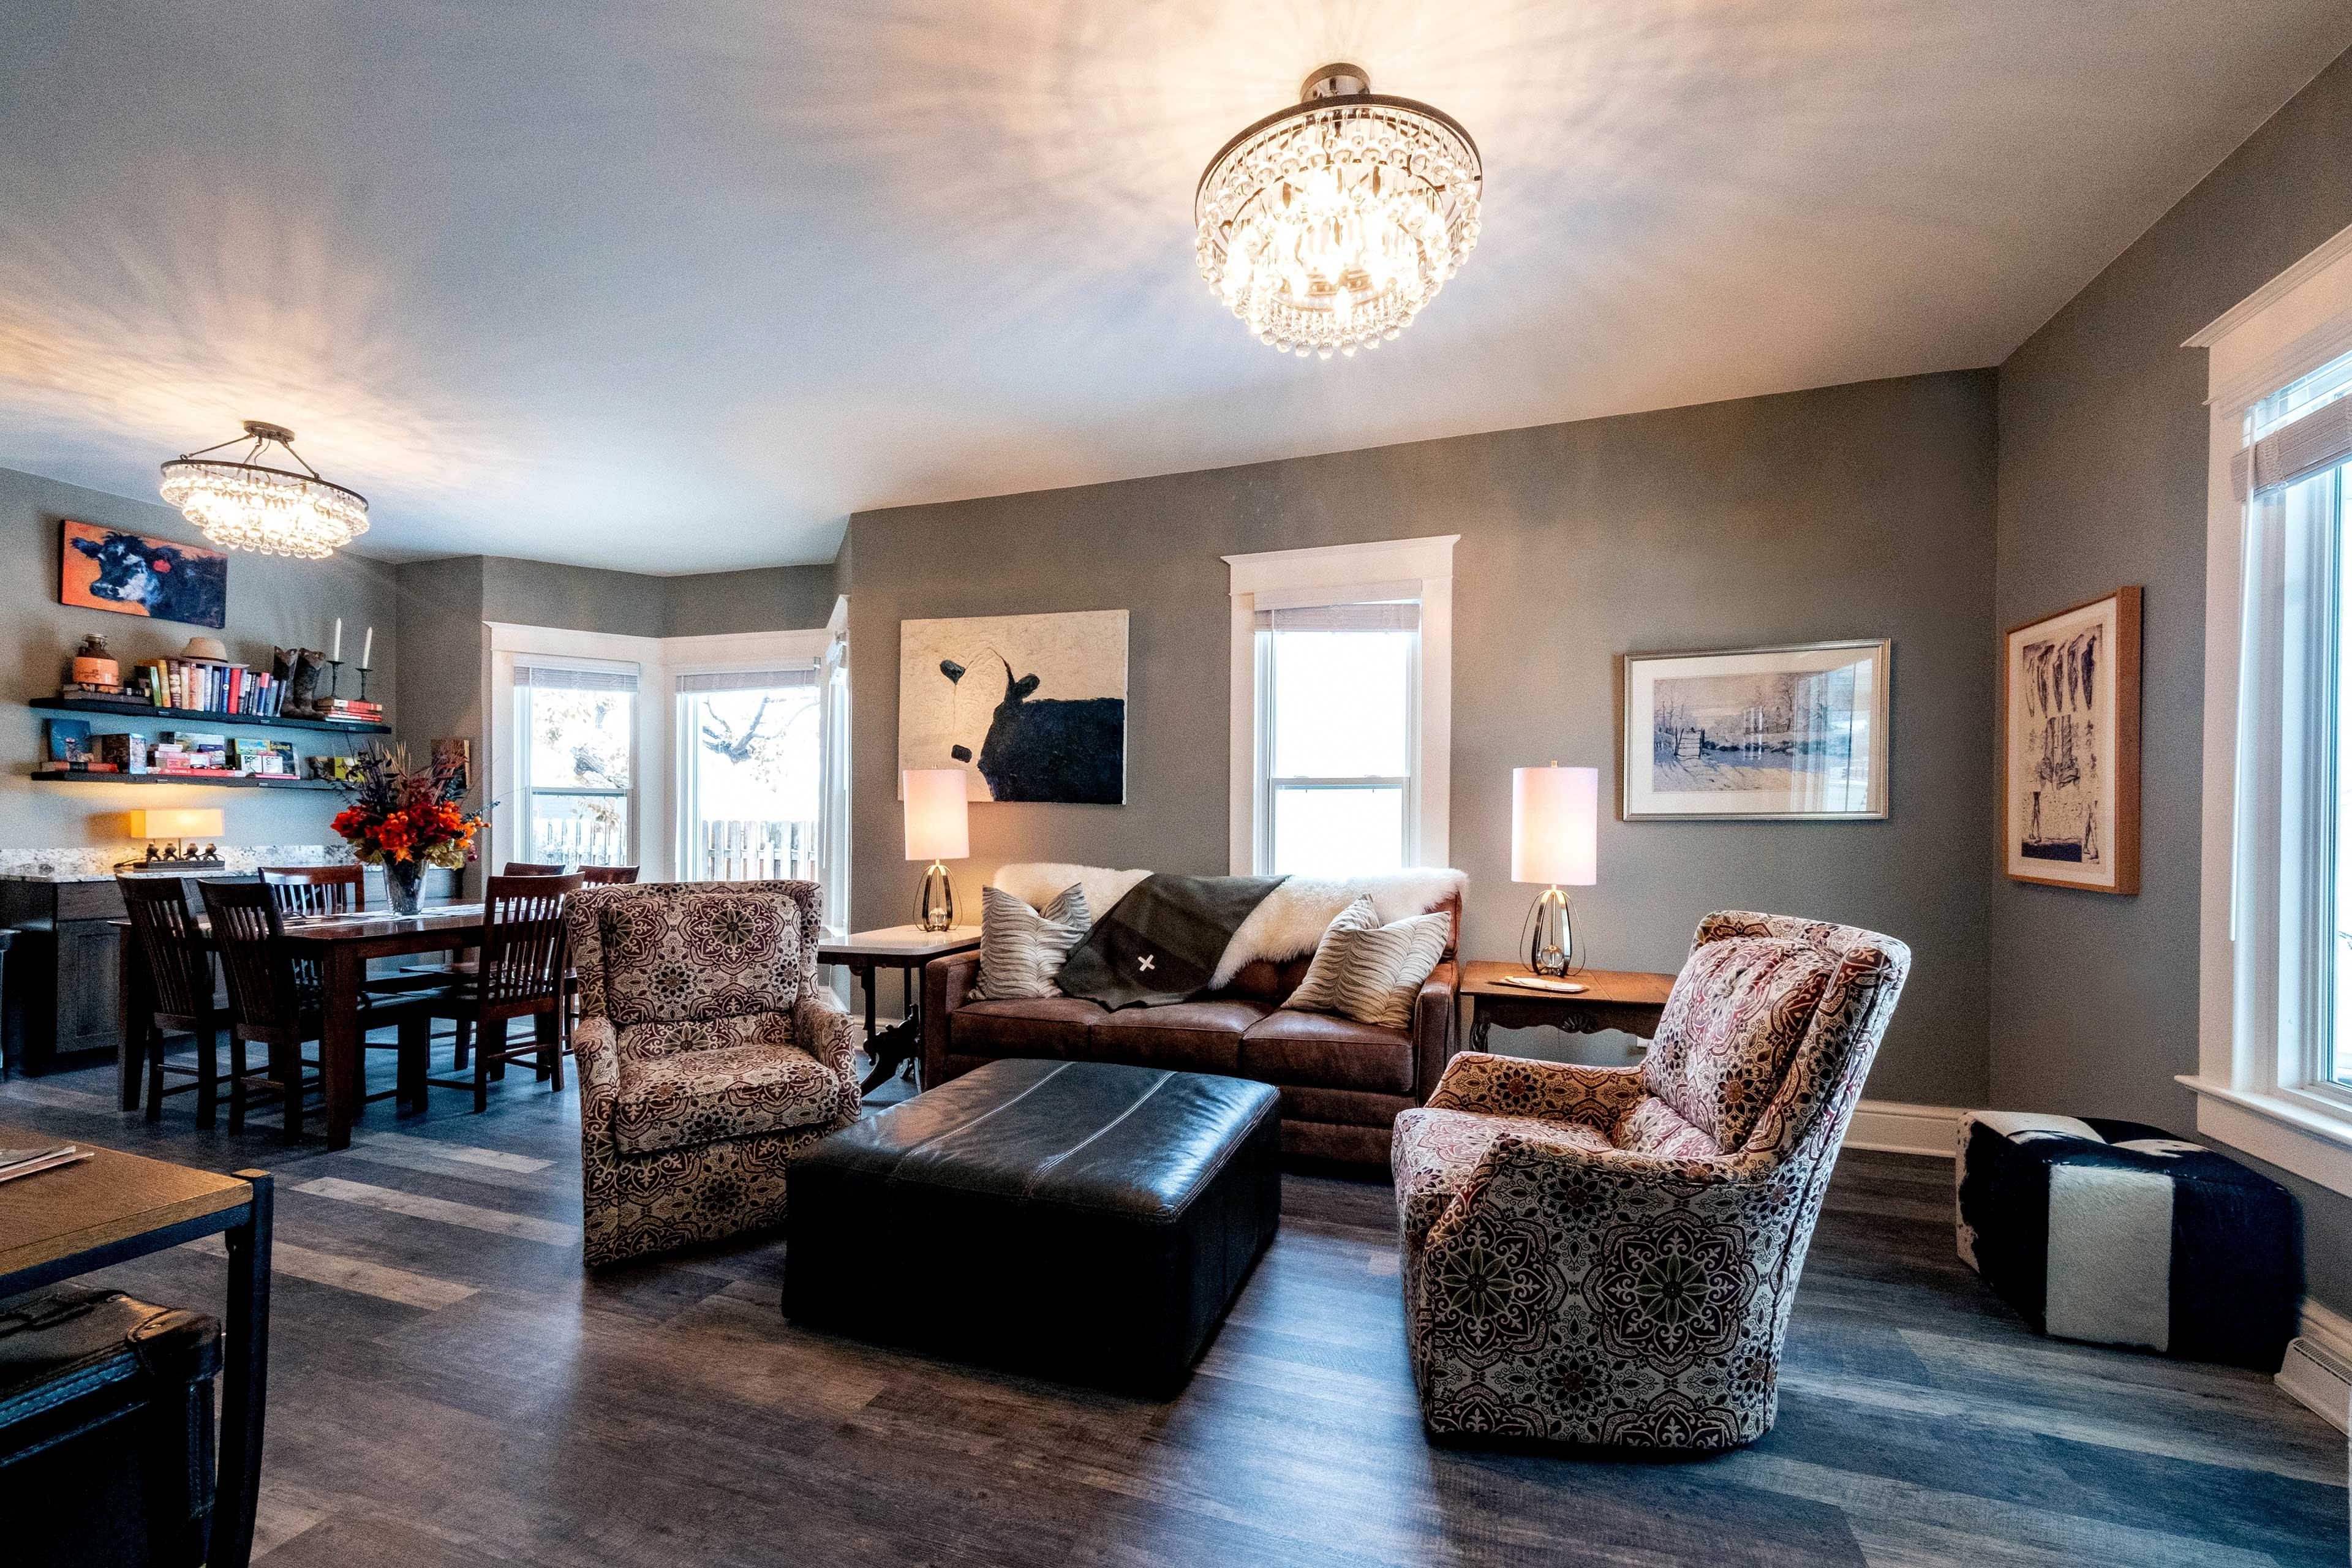 Living Room | Recently Remodeled | Smart TV